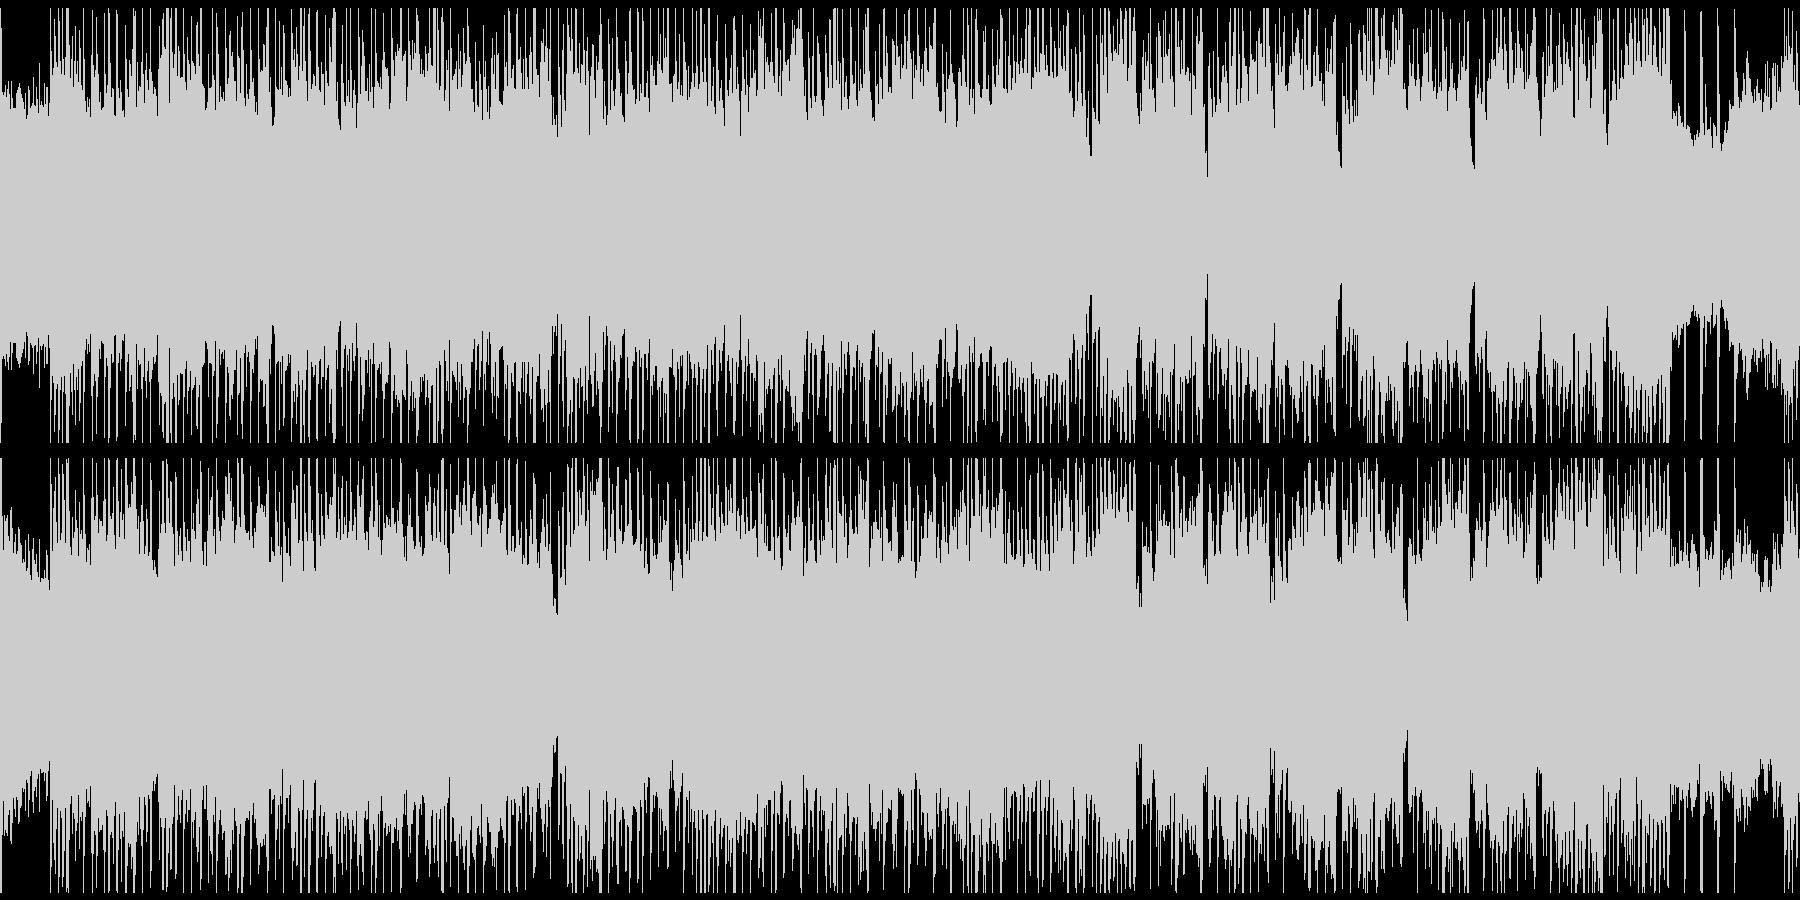 印象的なベースラインとワウギターのロックの未再生の波形